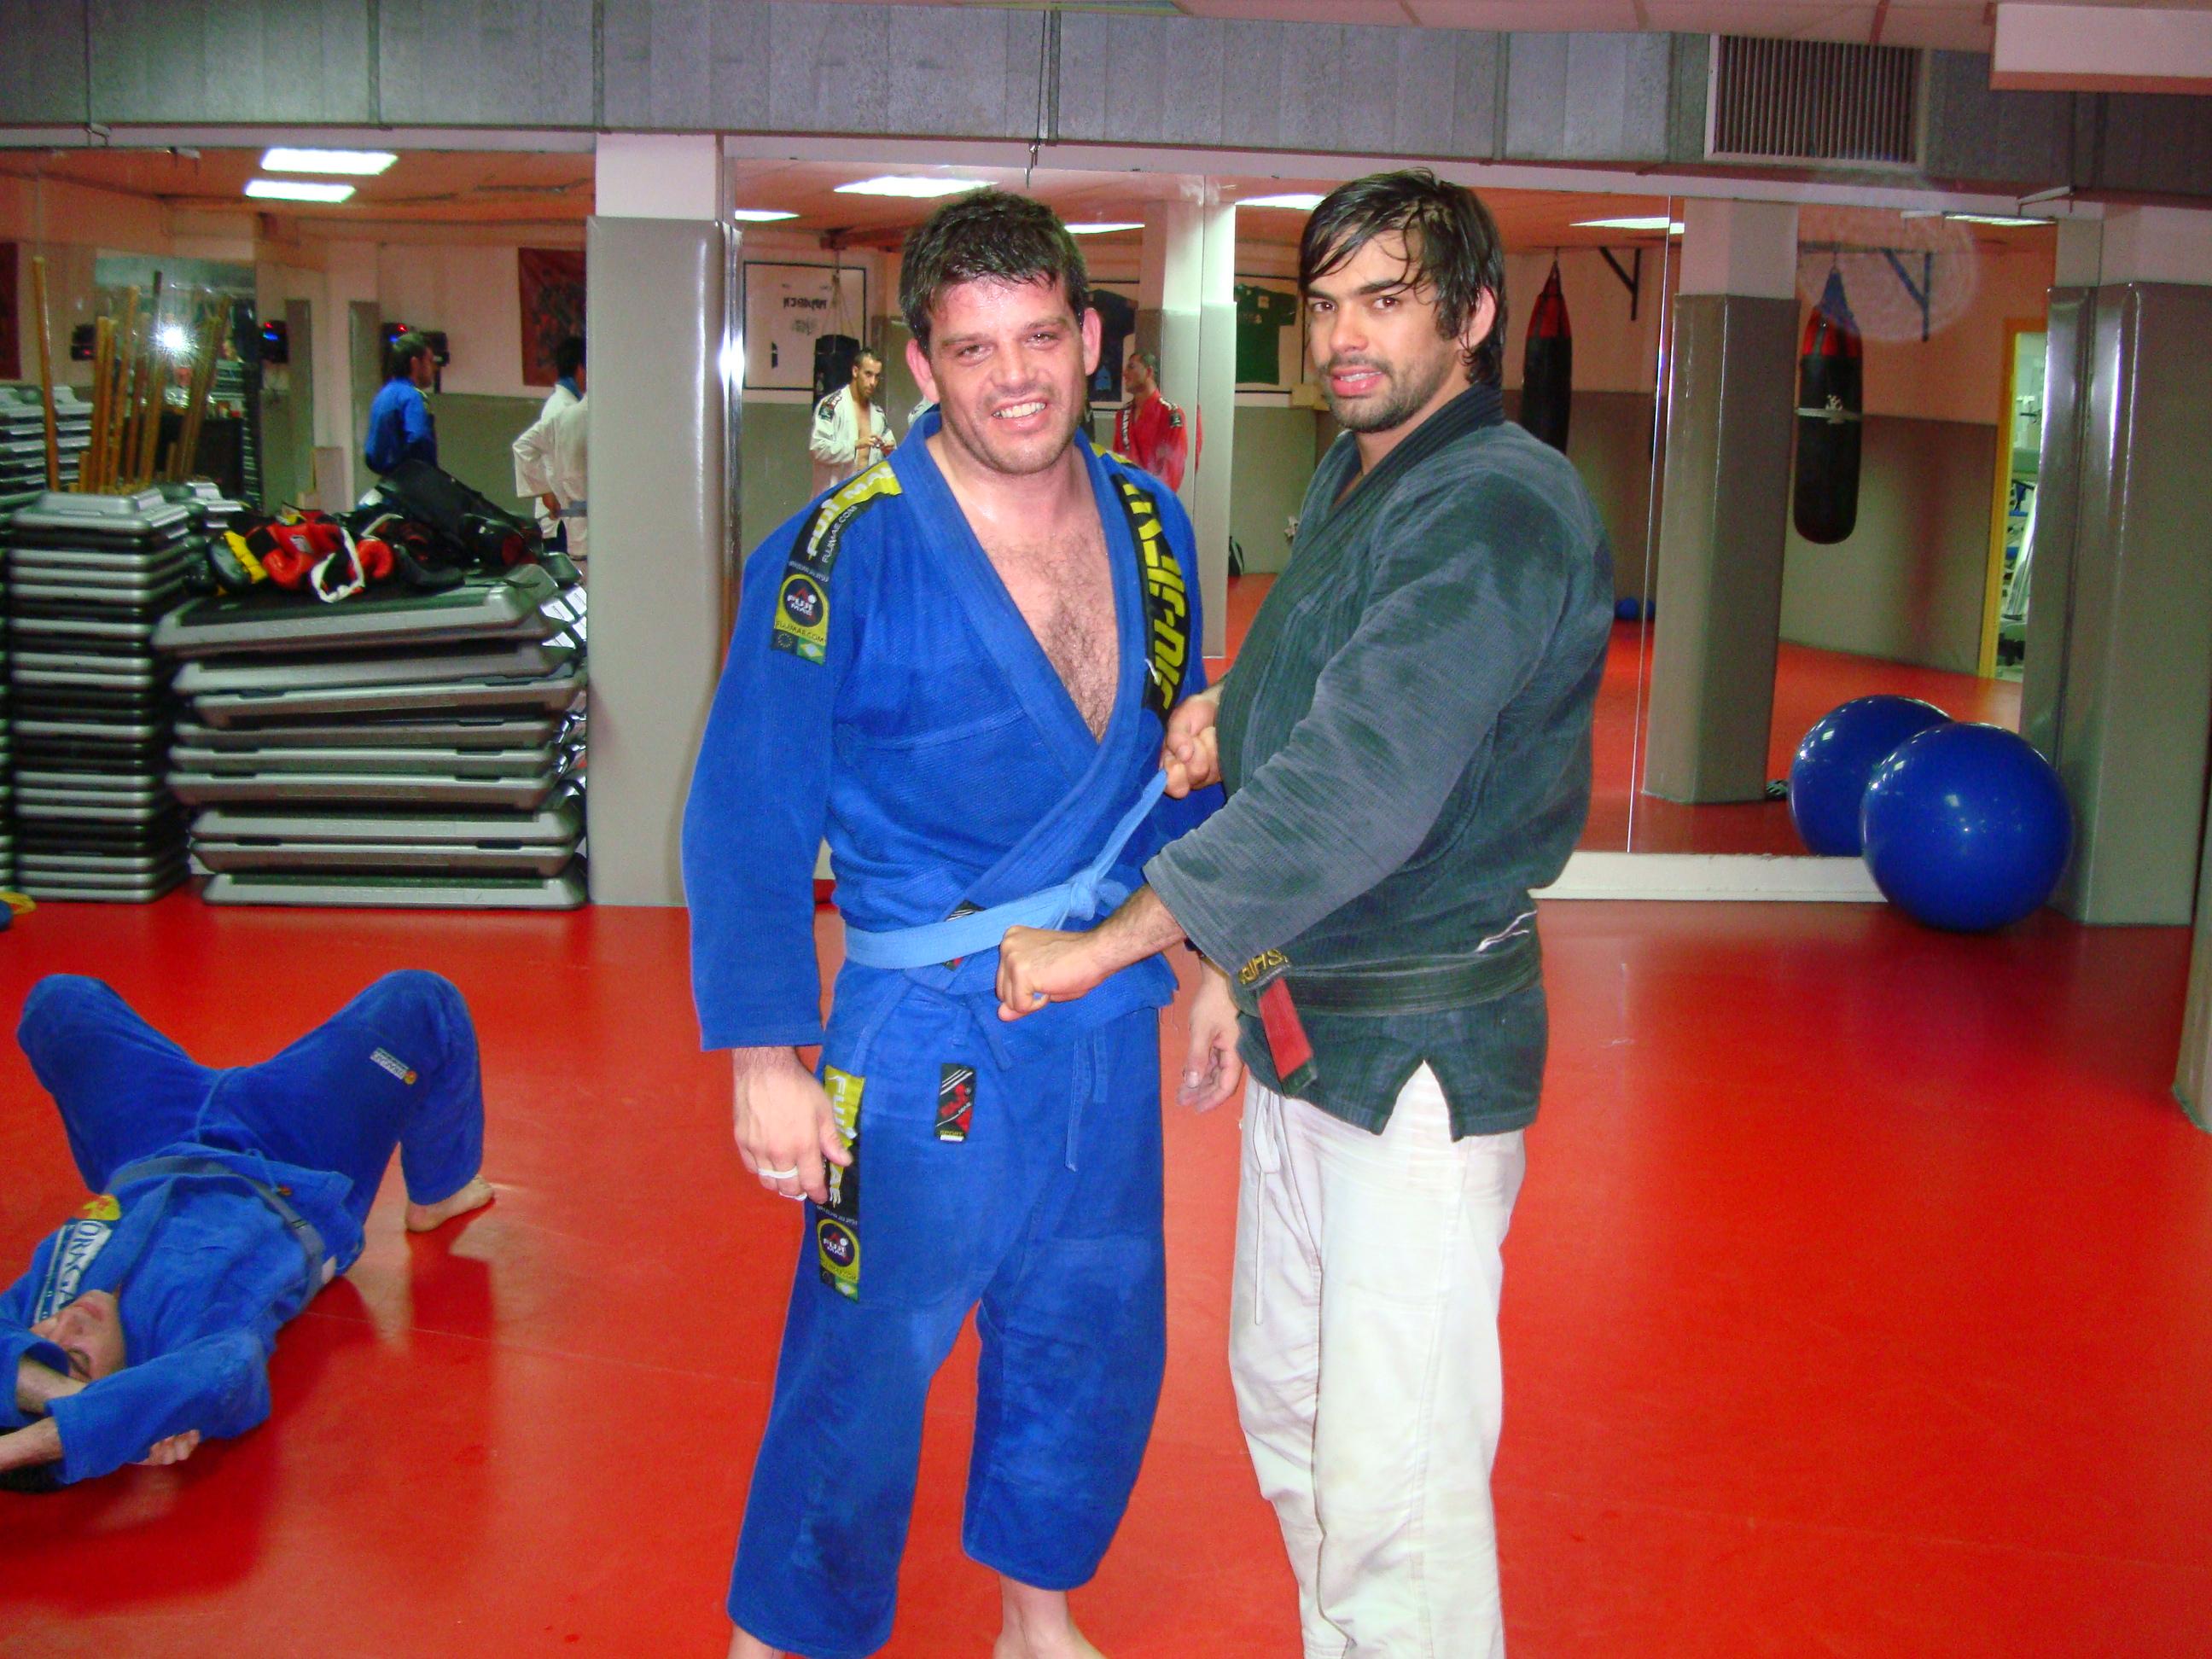 Alfonso recibiendo el cinturón azul